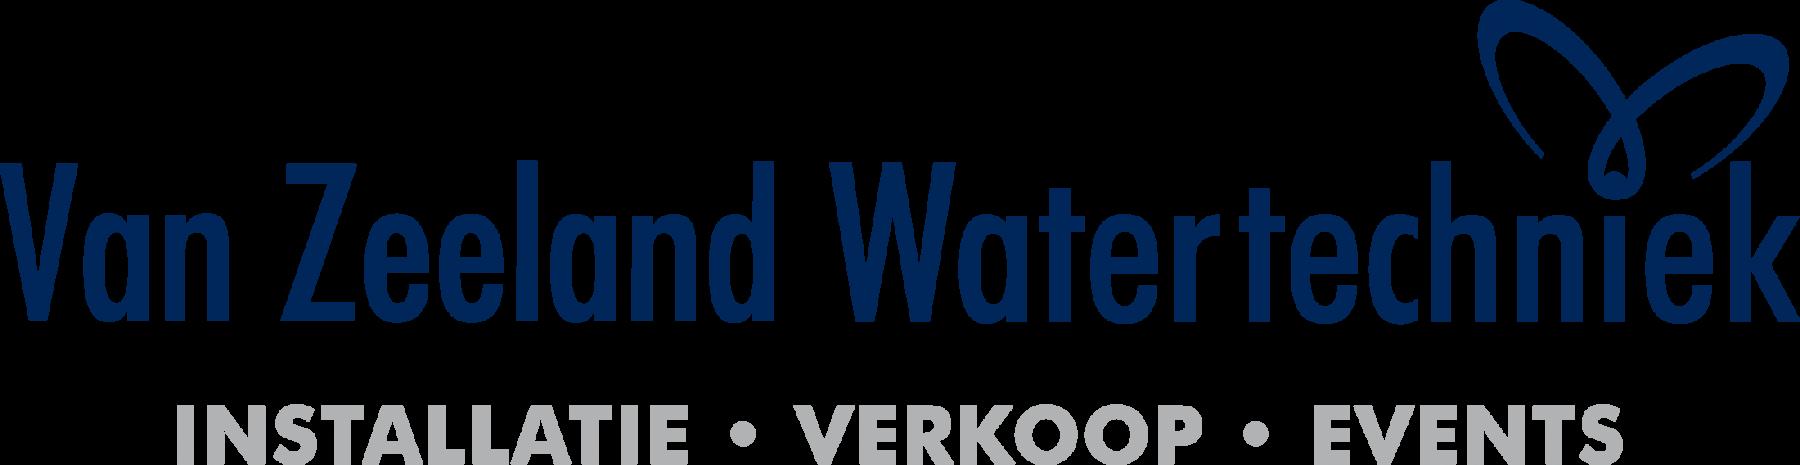 Logo van Zeeland Watertechniek